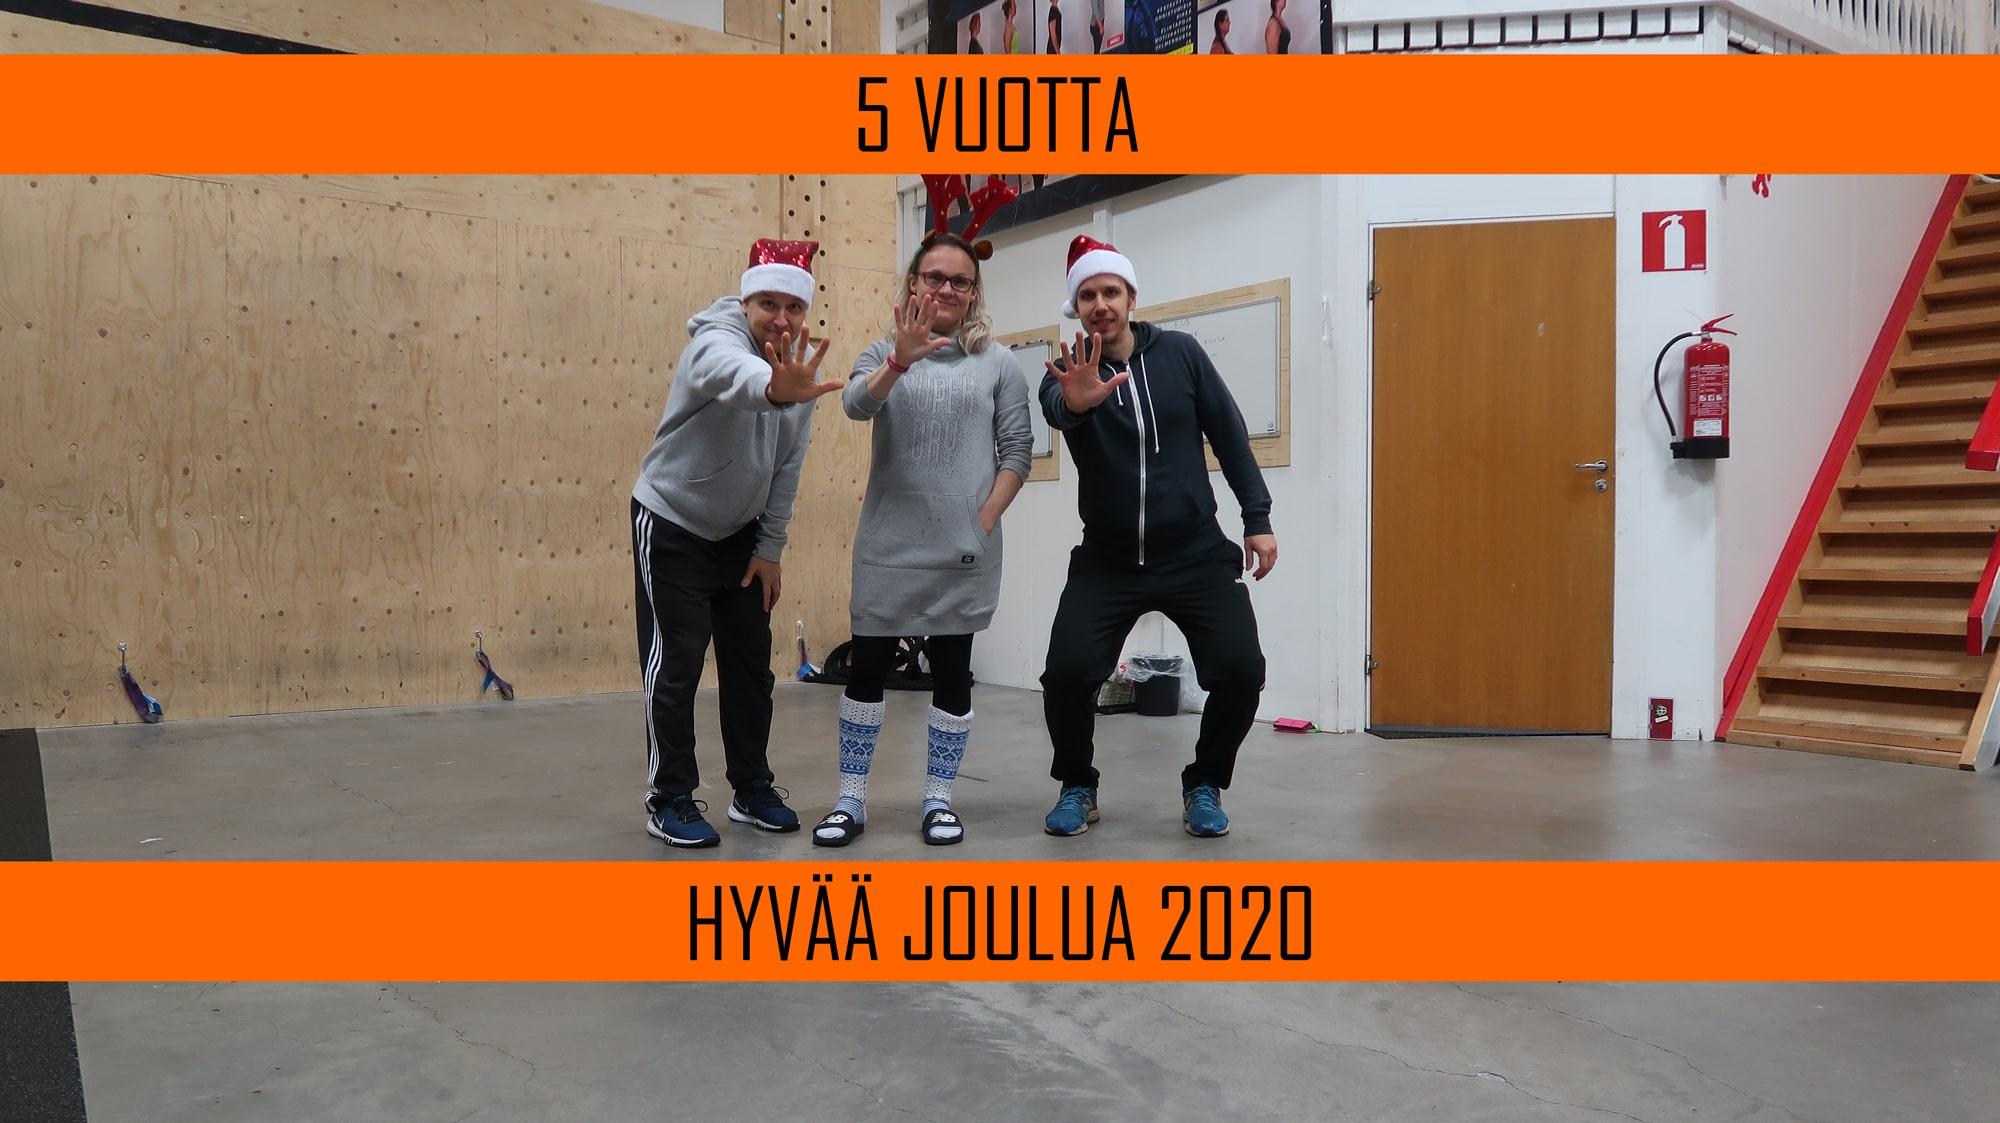 hyvää joulua 2020